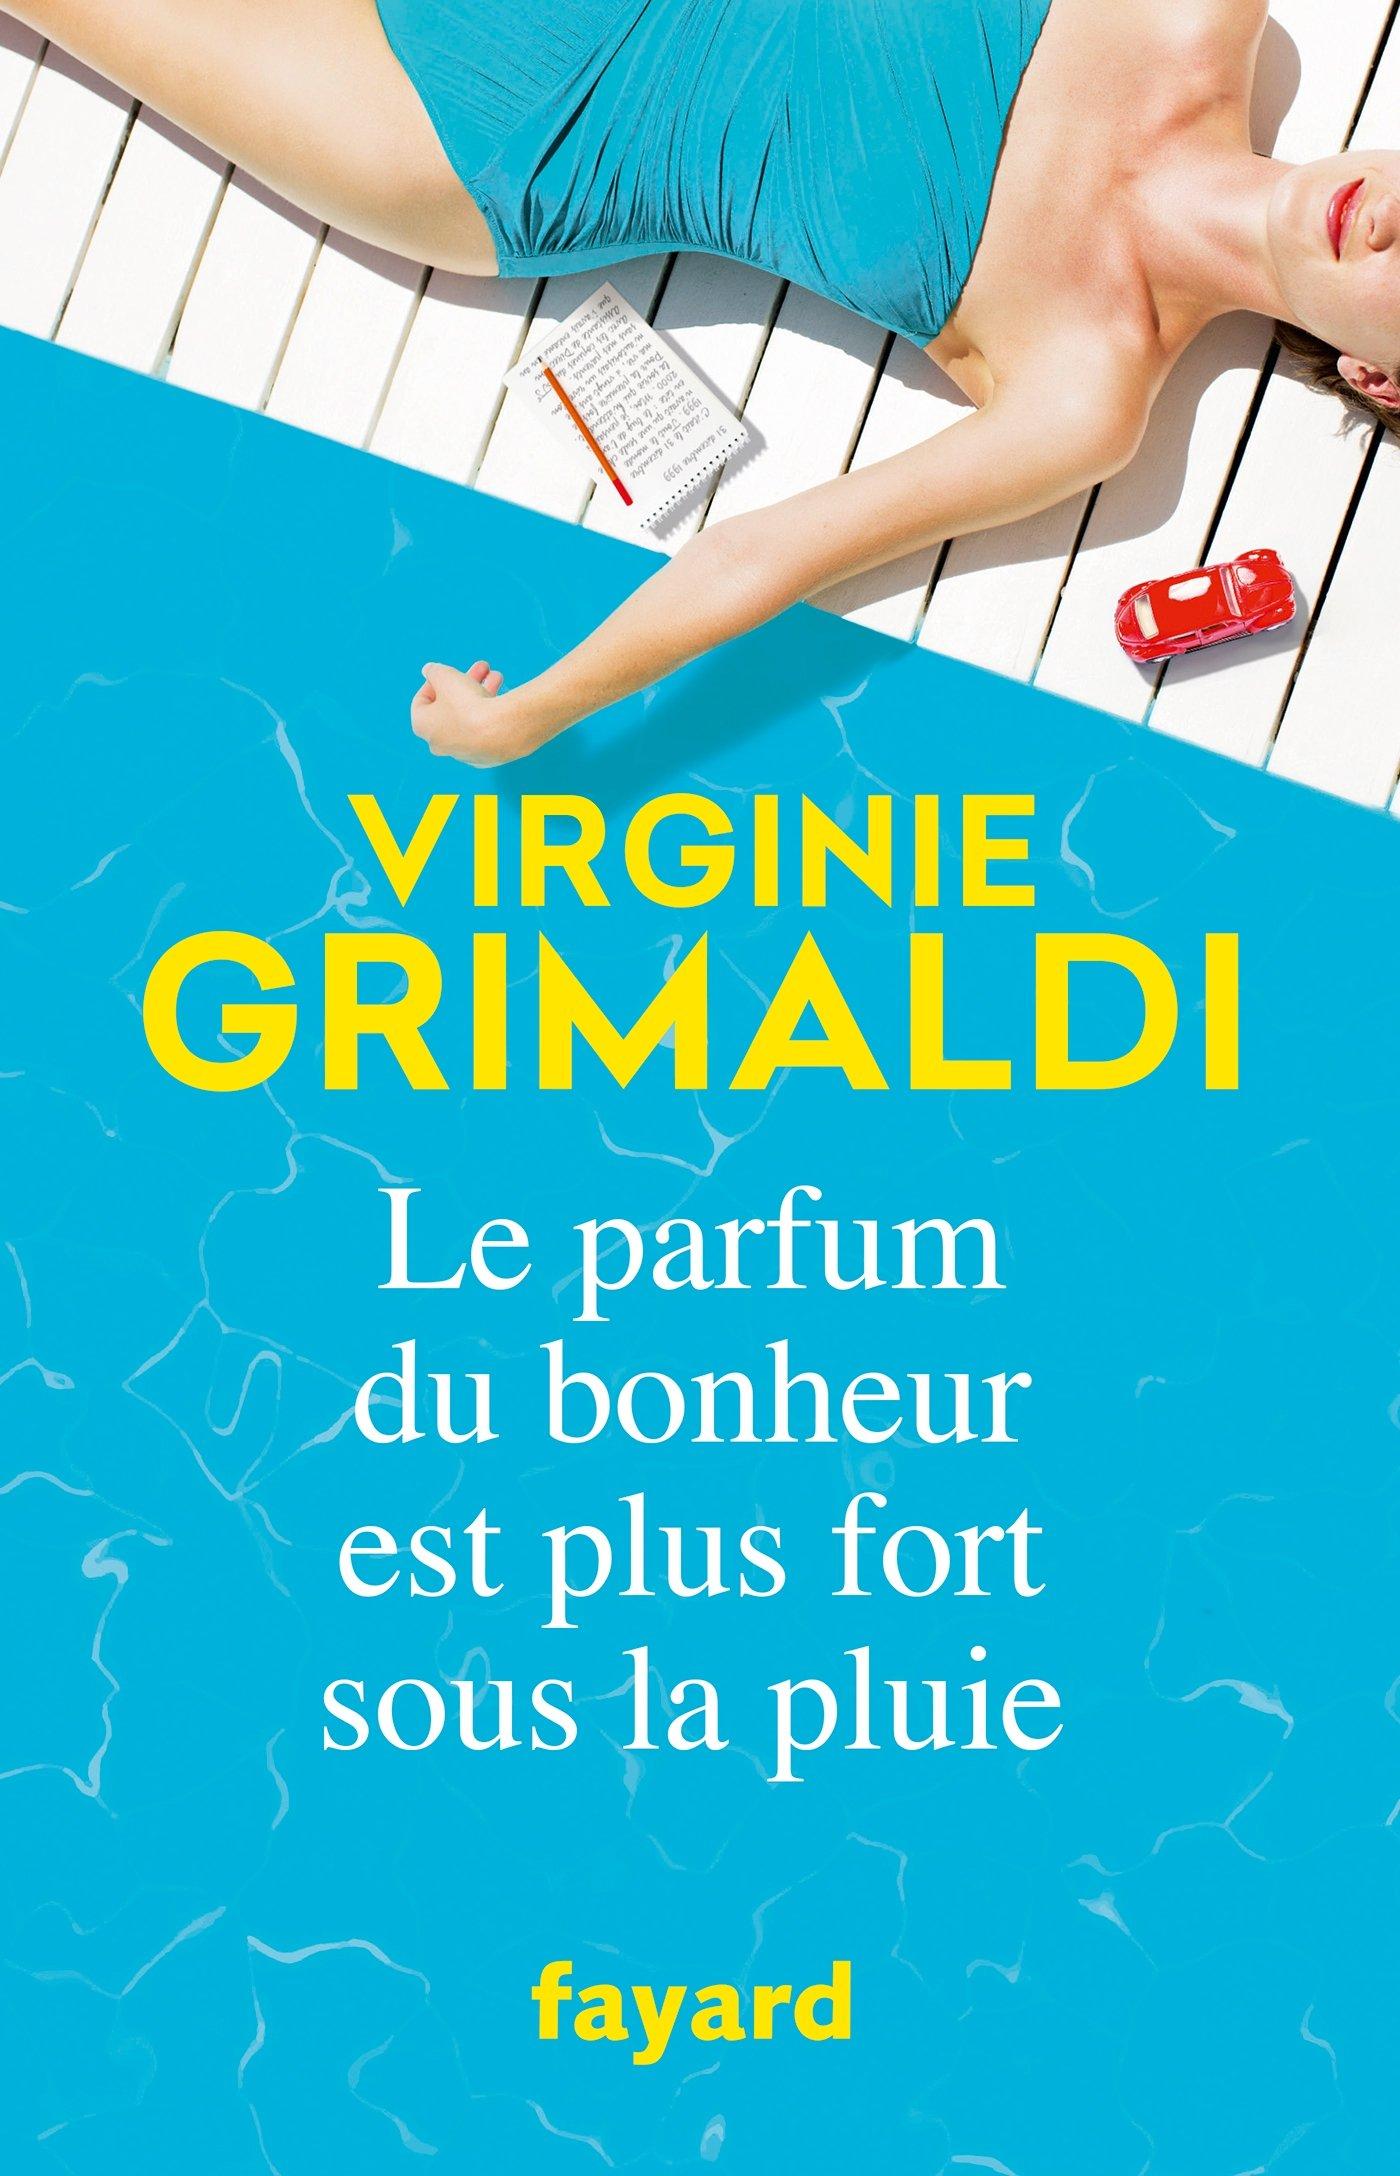 Le parfum du bonheur est plus fort sous la pluie - Vriginie Grimaldi - Editions Fayard